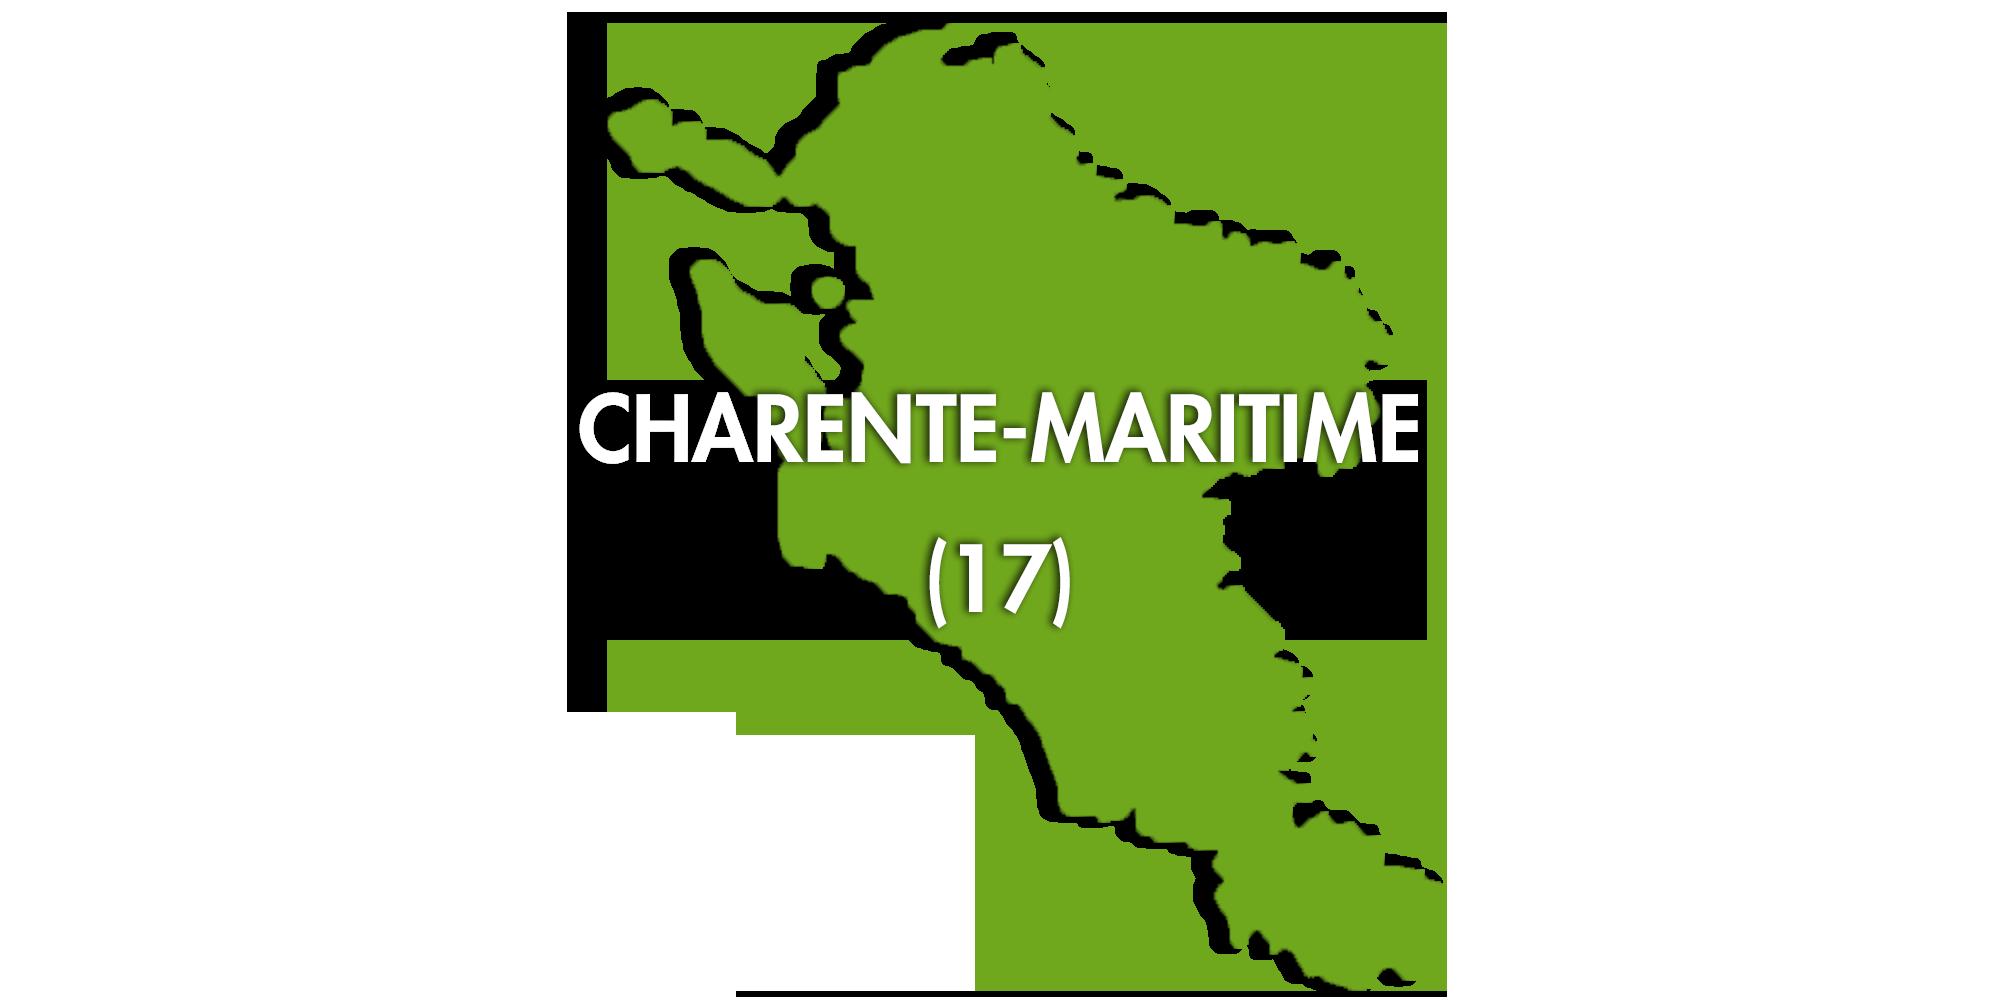 Les projets de GTB d'Eco Energie Service en Charente-Maritime